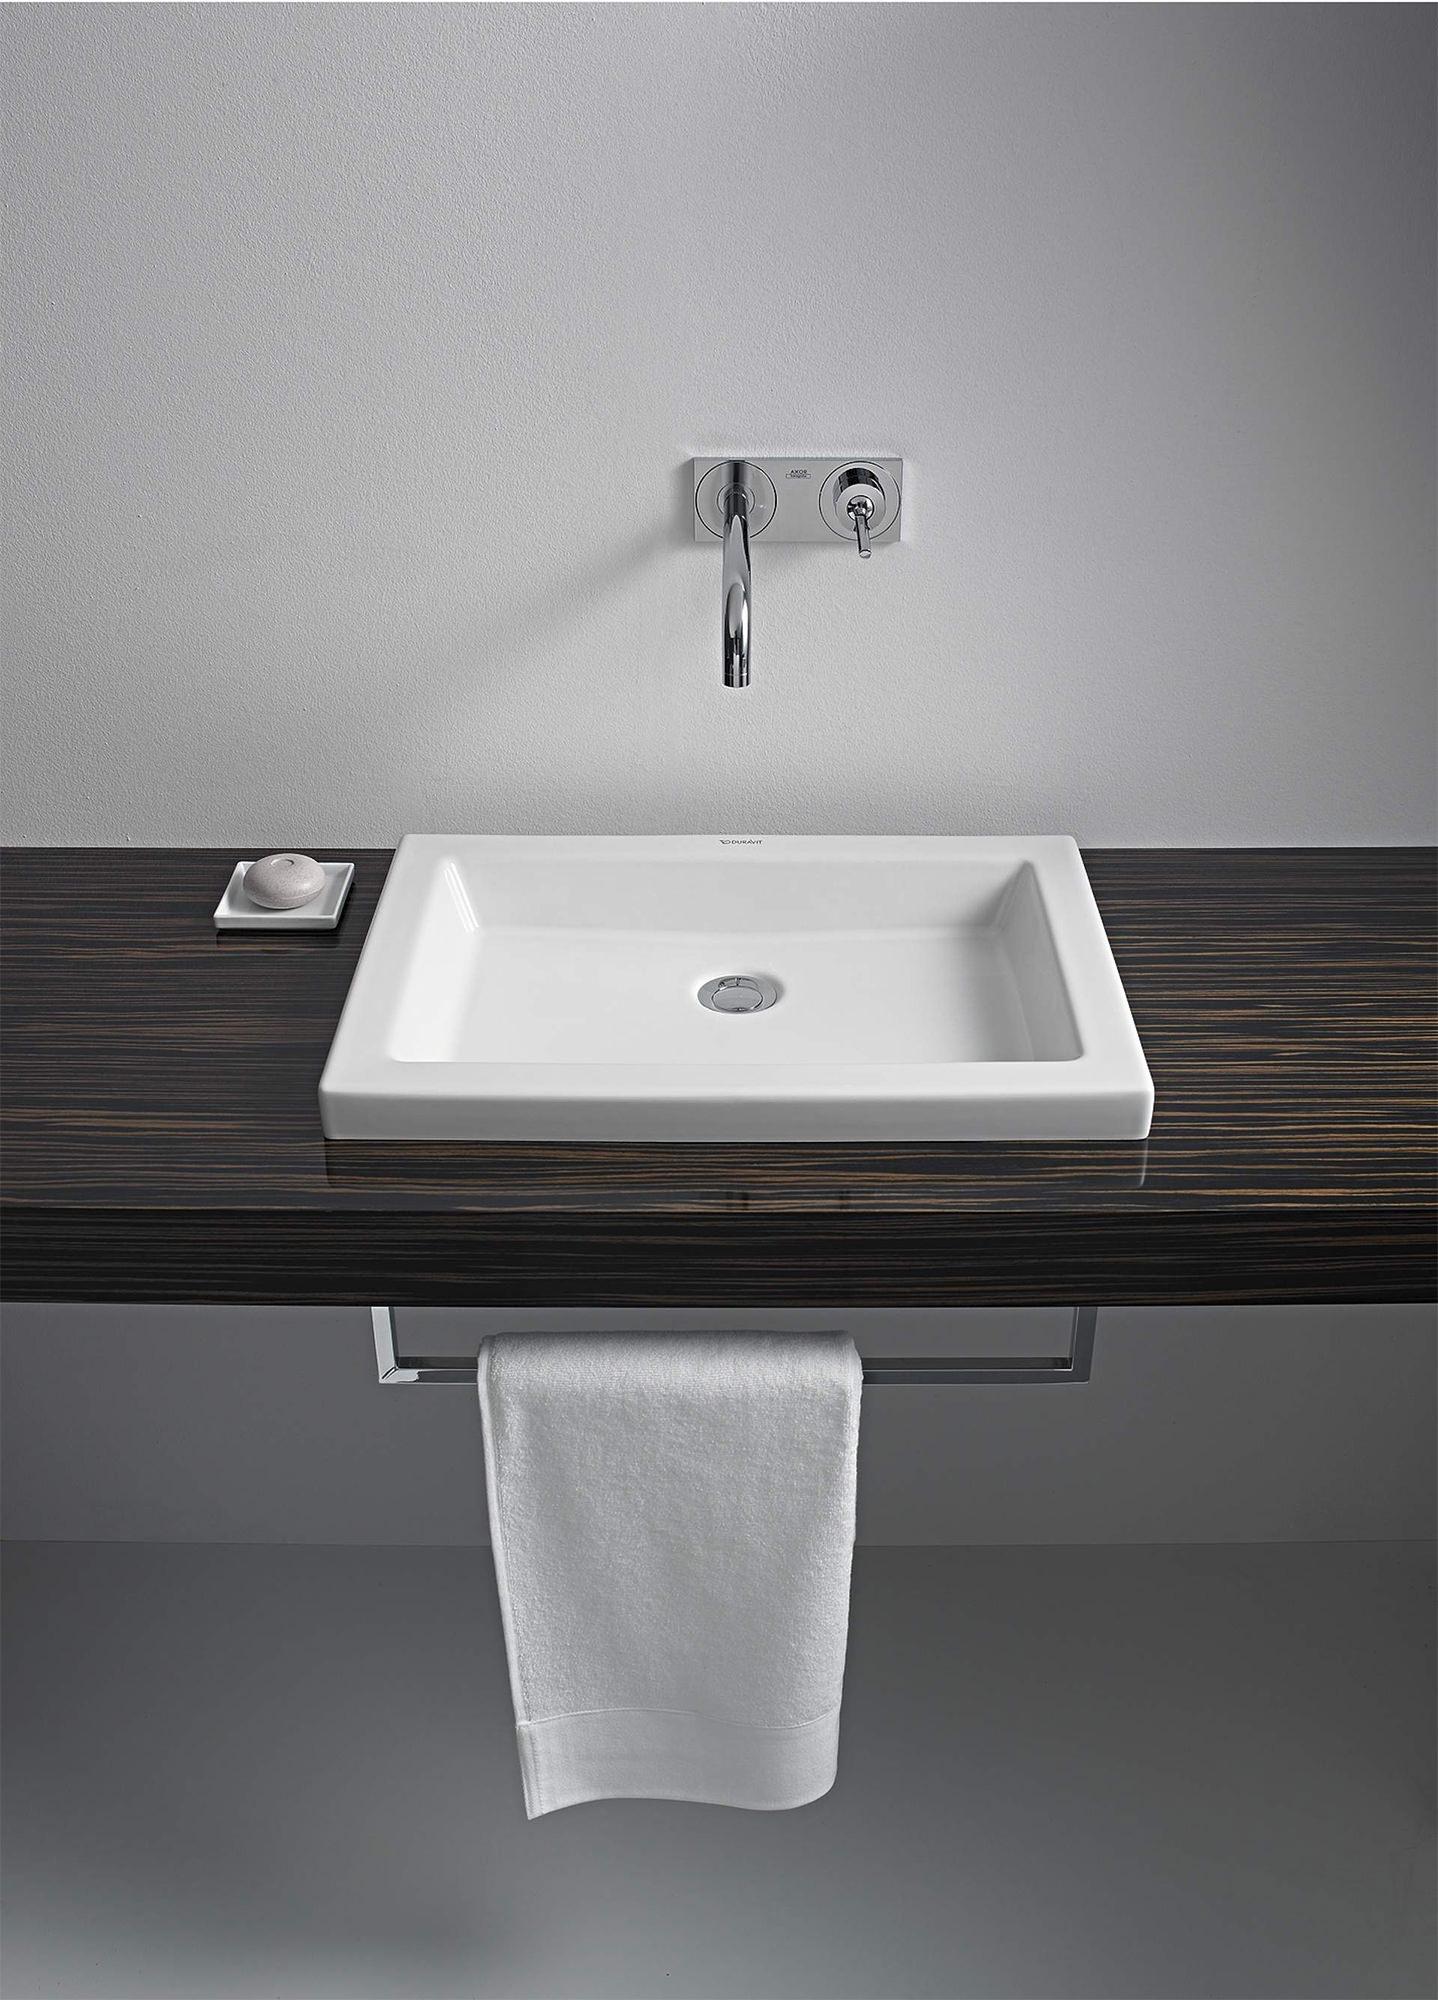 Duravit 2nd Floor 580 x 415mm Countertop Vanity Basin